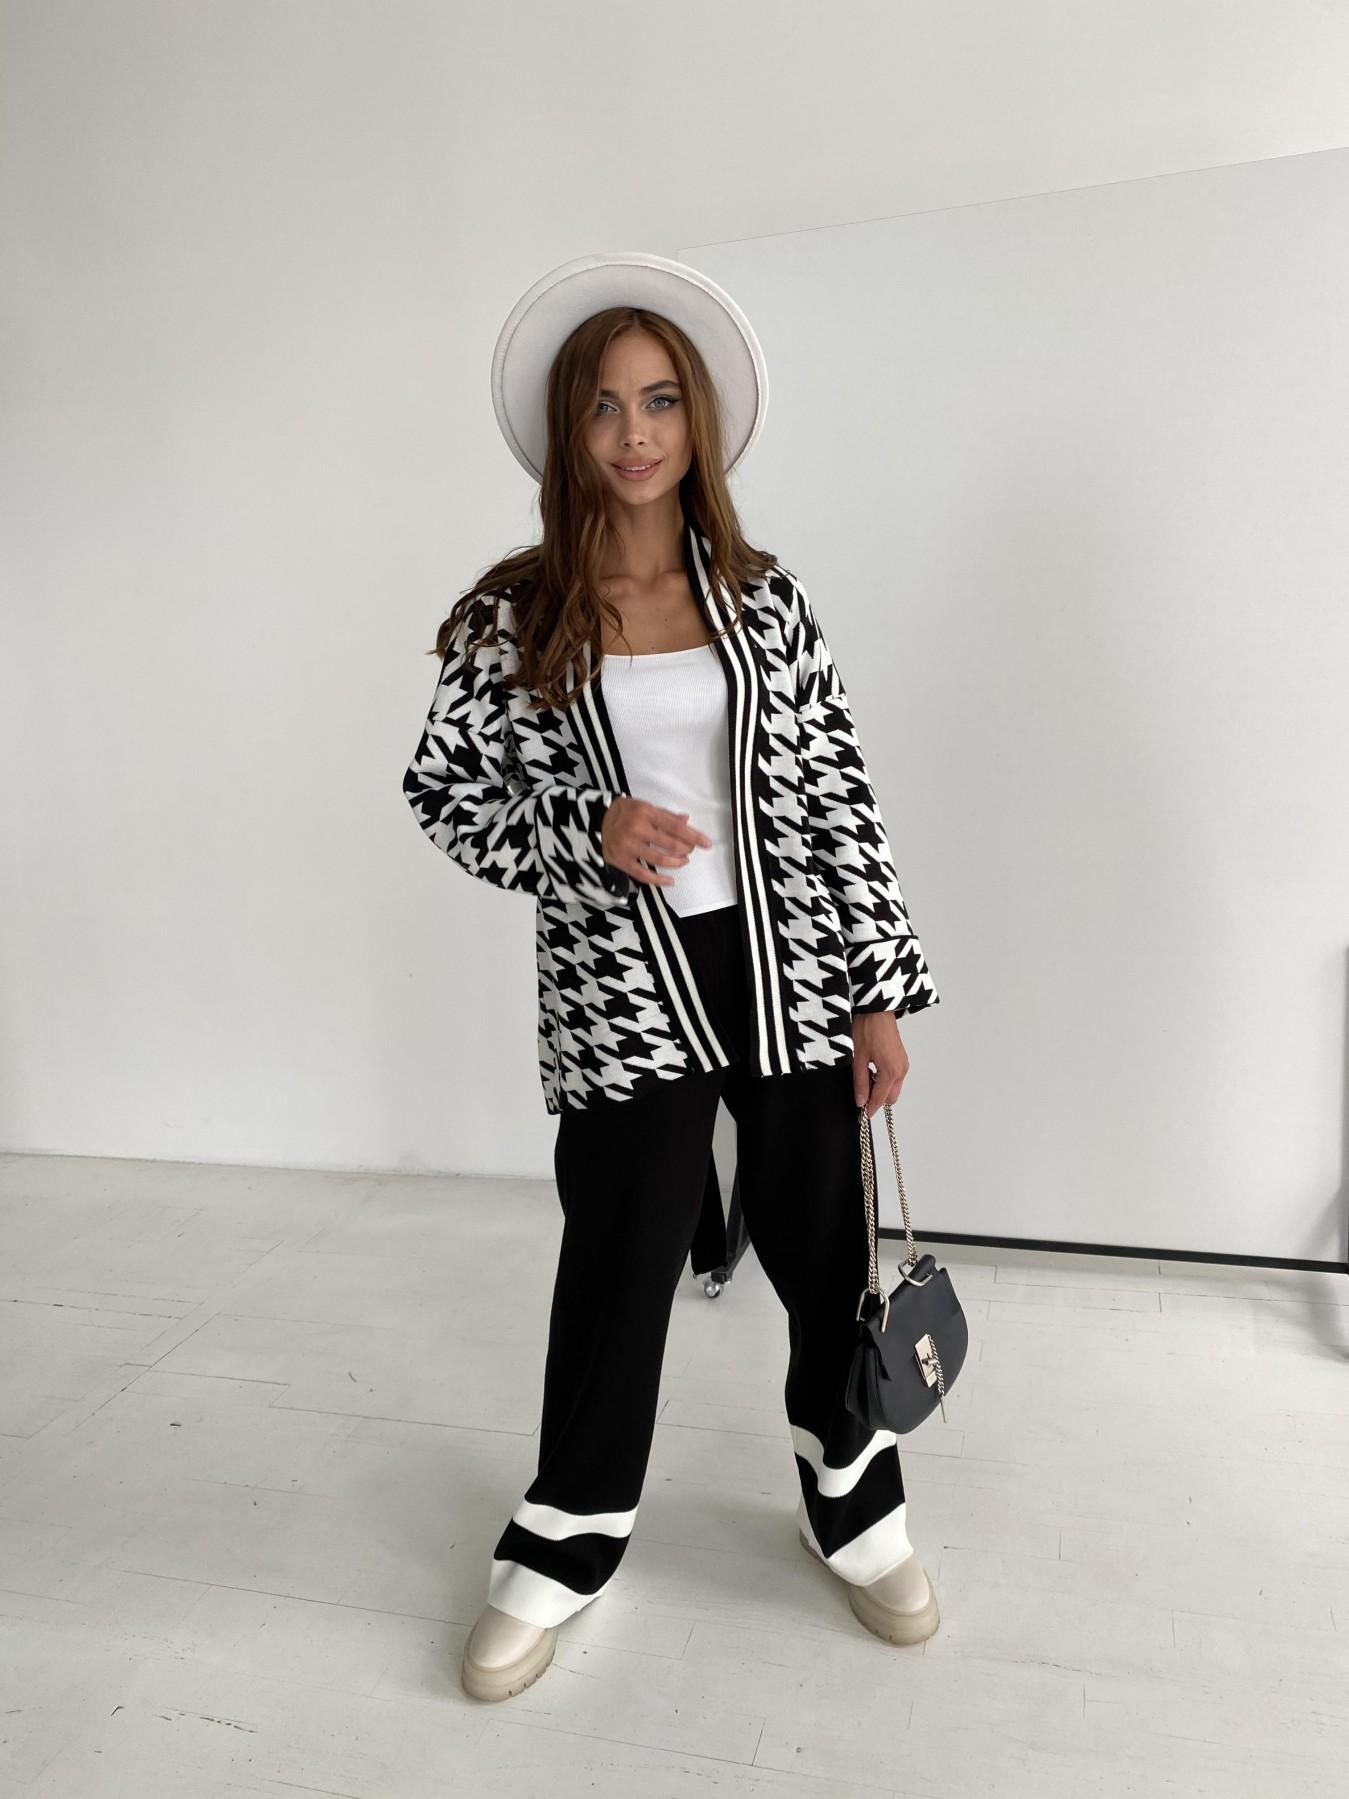 Вязаный трикотажный костюм 91281 АРТ. 48583 Цвет: Черный/Молоко - фото 7, интернет магазин tm-modus.ru